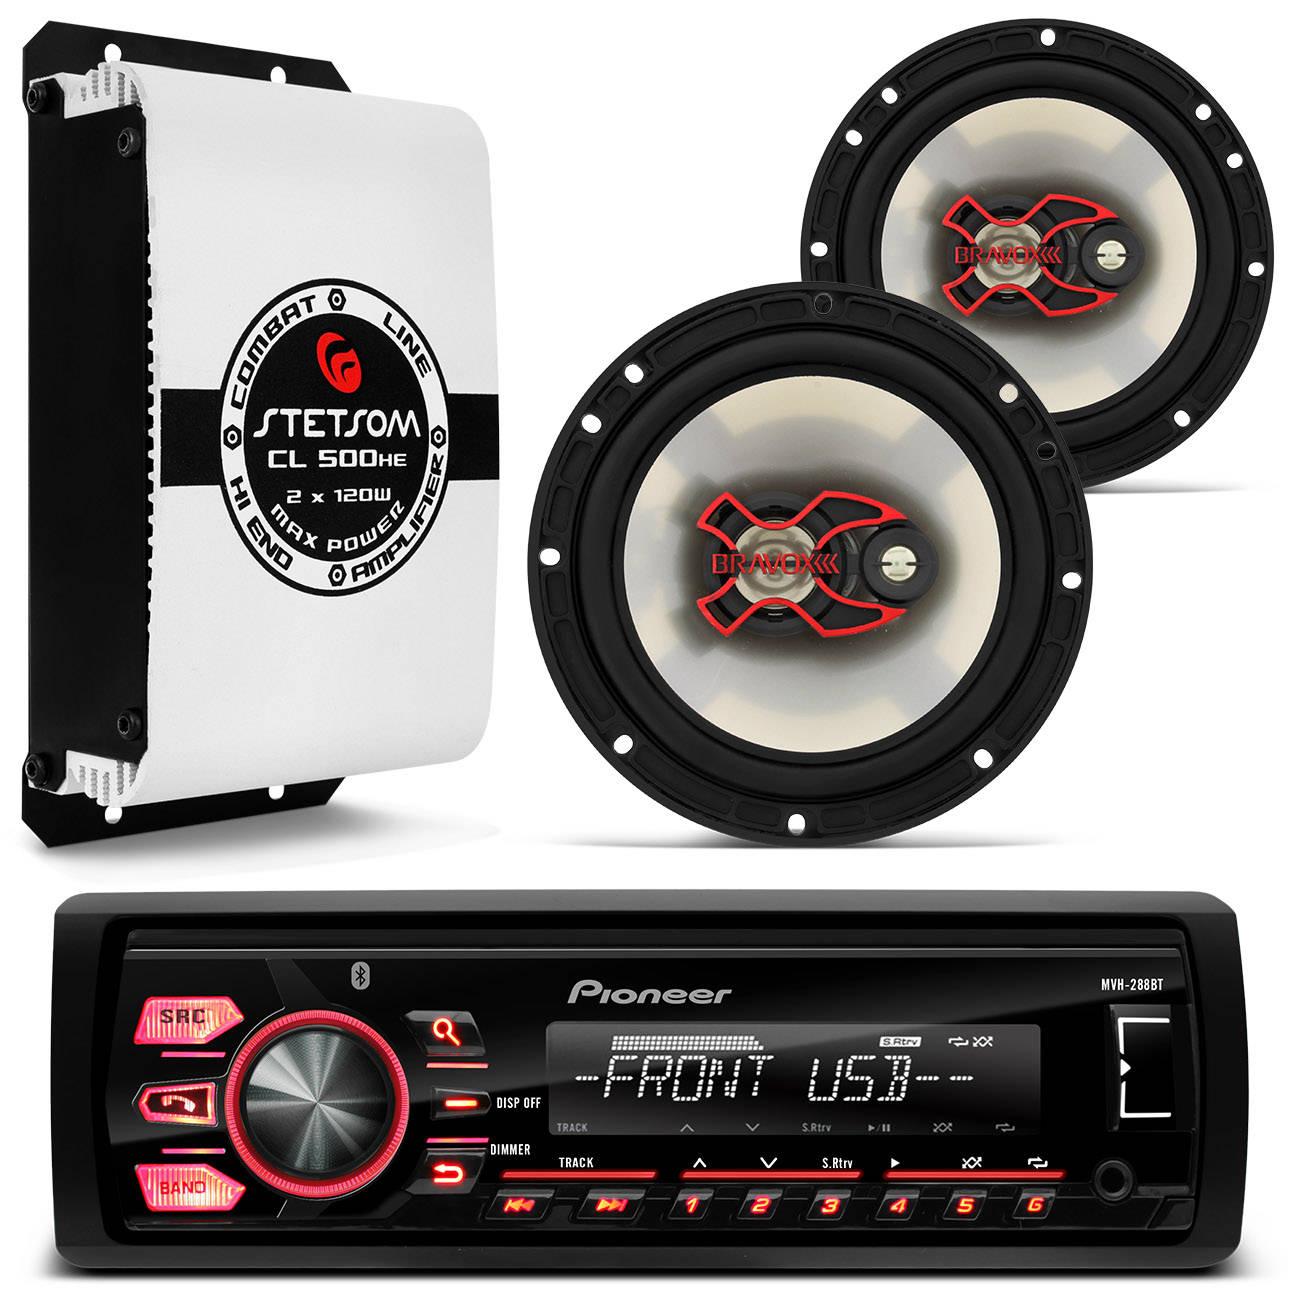 Kit MP3 Player Pioneer USB WMA + Par Alto Falantes 100W RMS + Módulo Amplificador 2 Canais